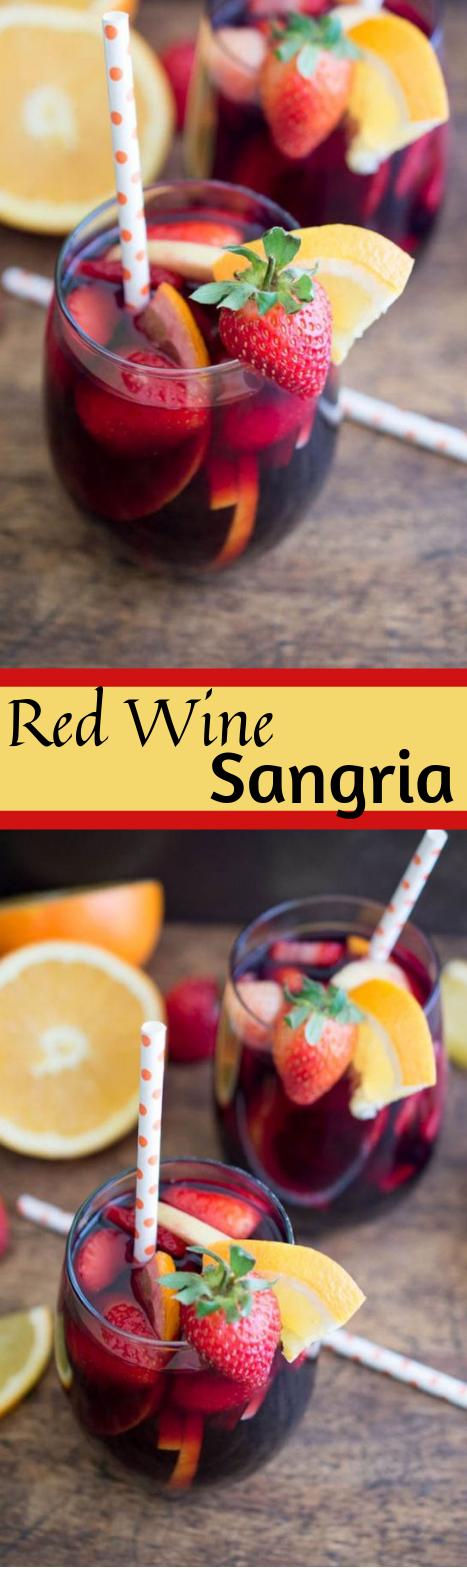 Red Wine Sangria #sangria #healthydrink